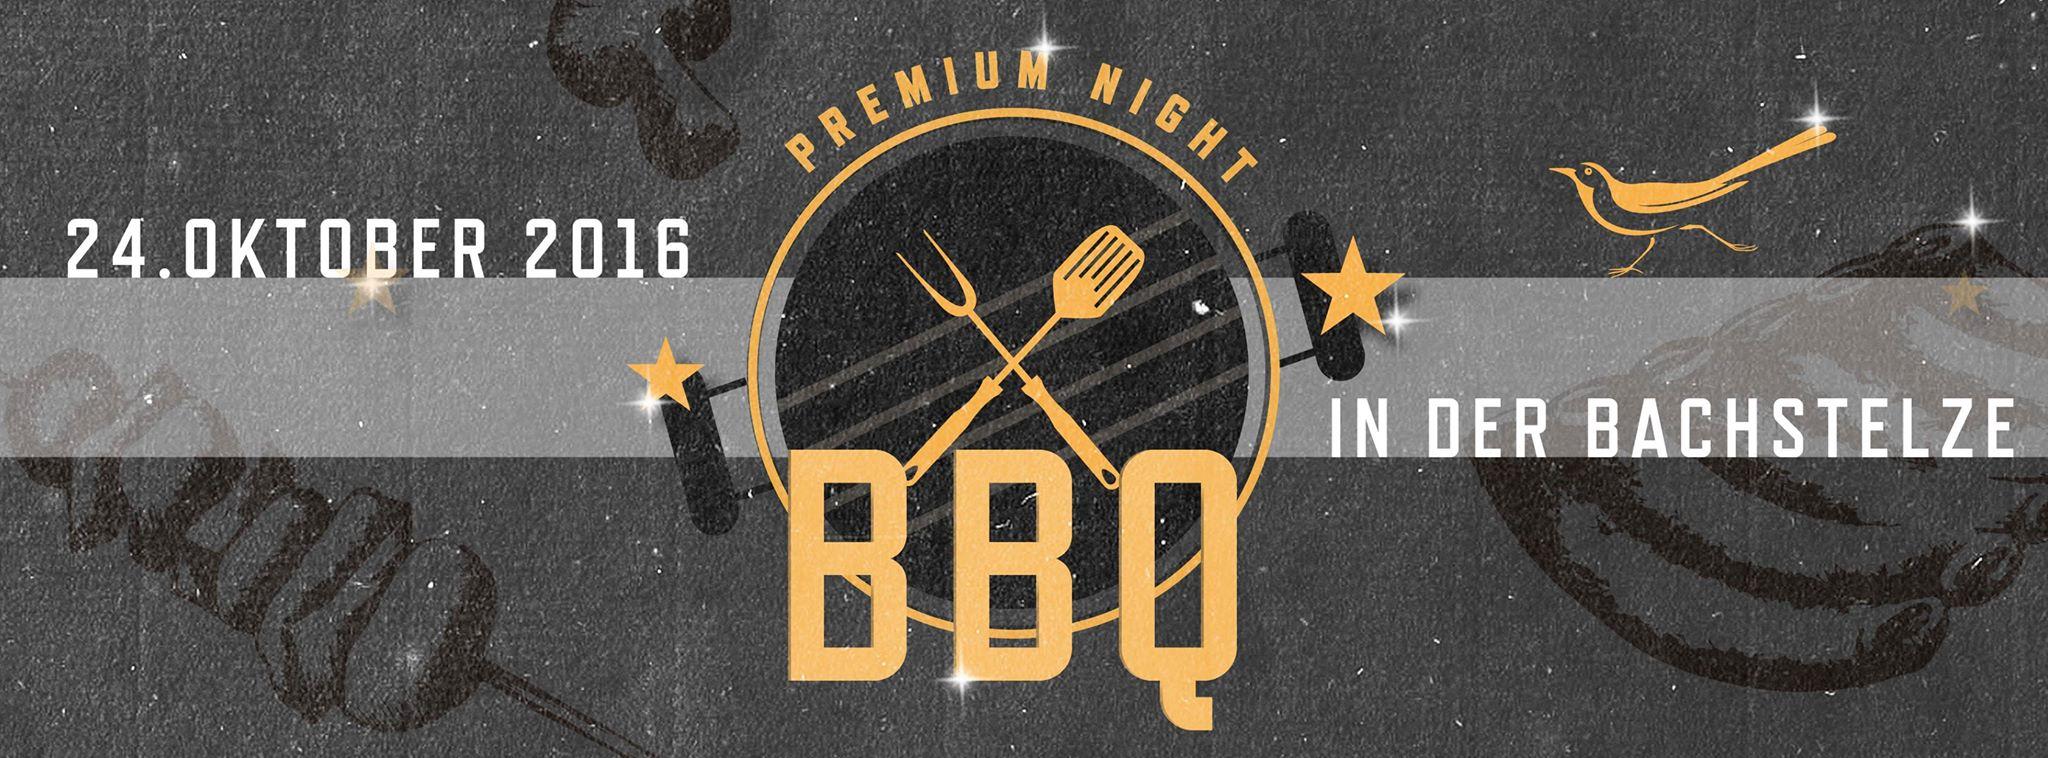 Barbecue Premium Night